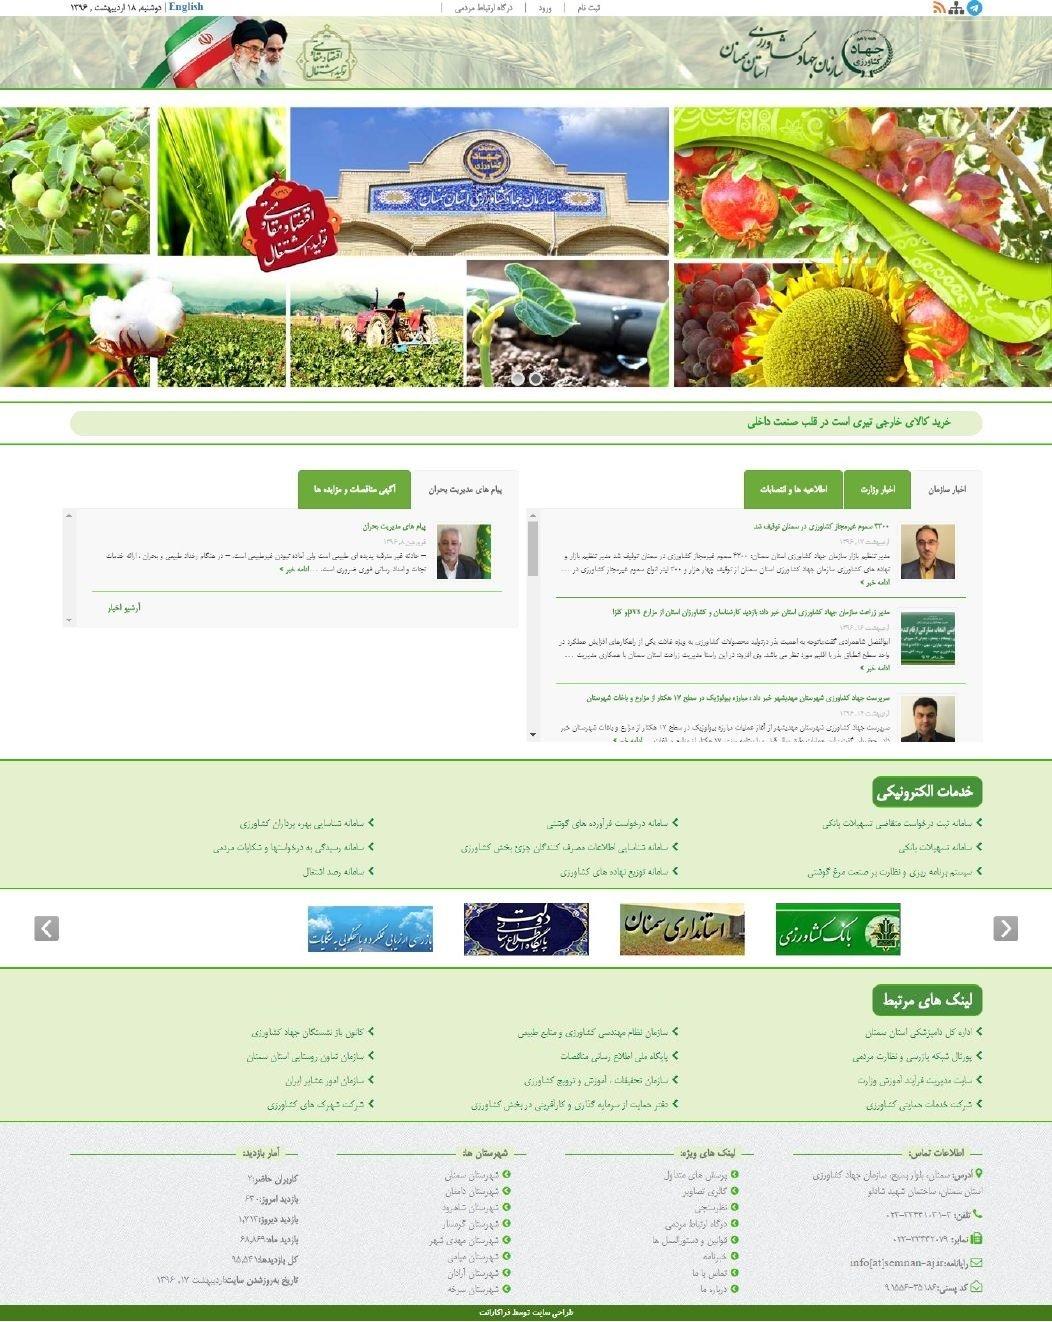 طراحی سایت جهاد کشاورزی سمنان